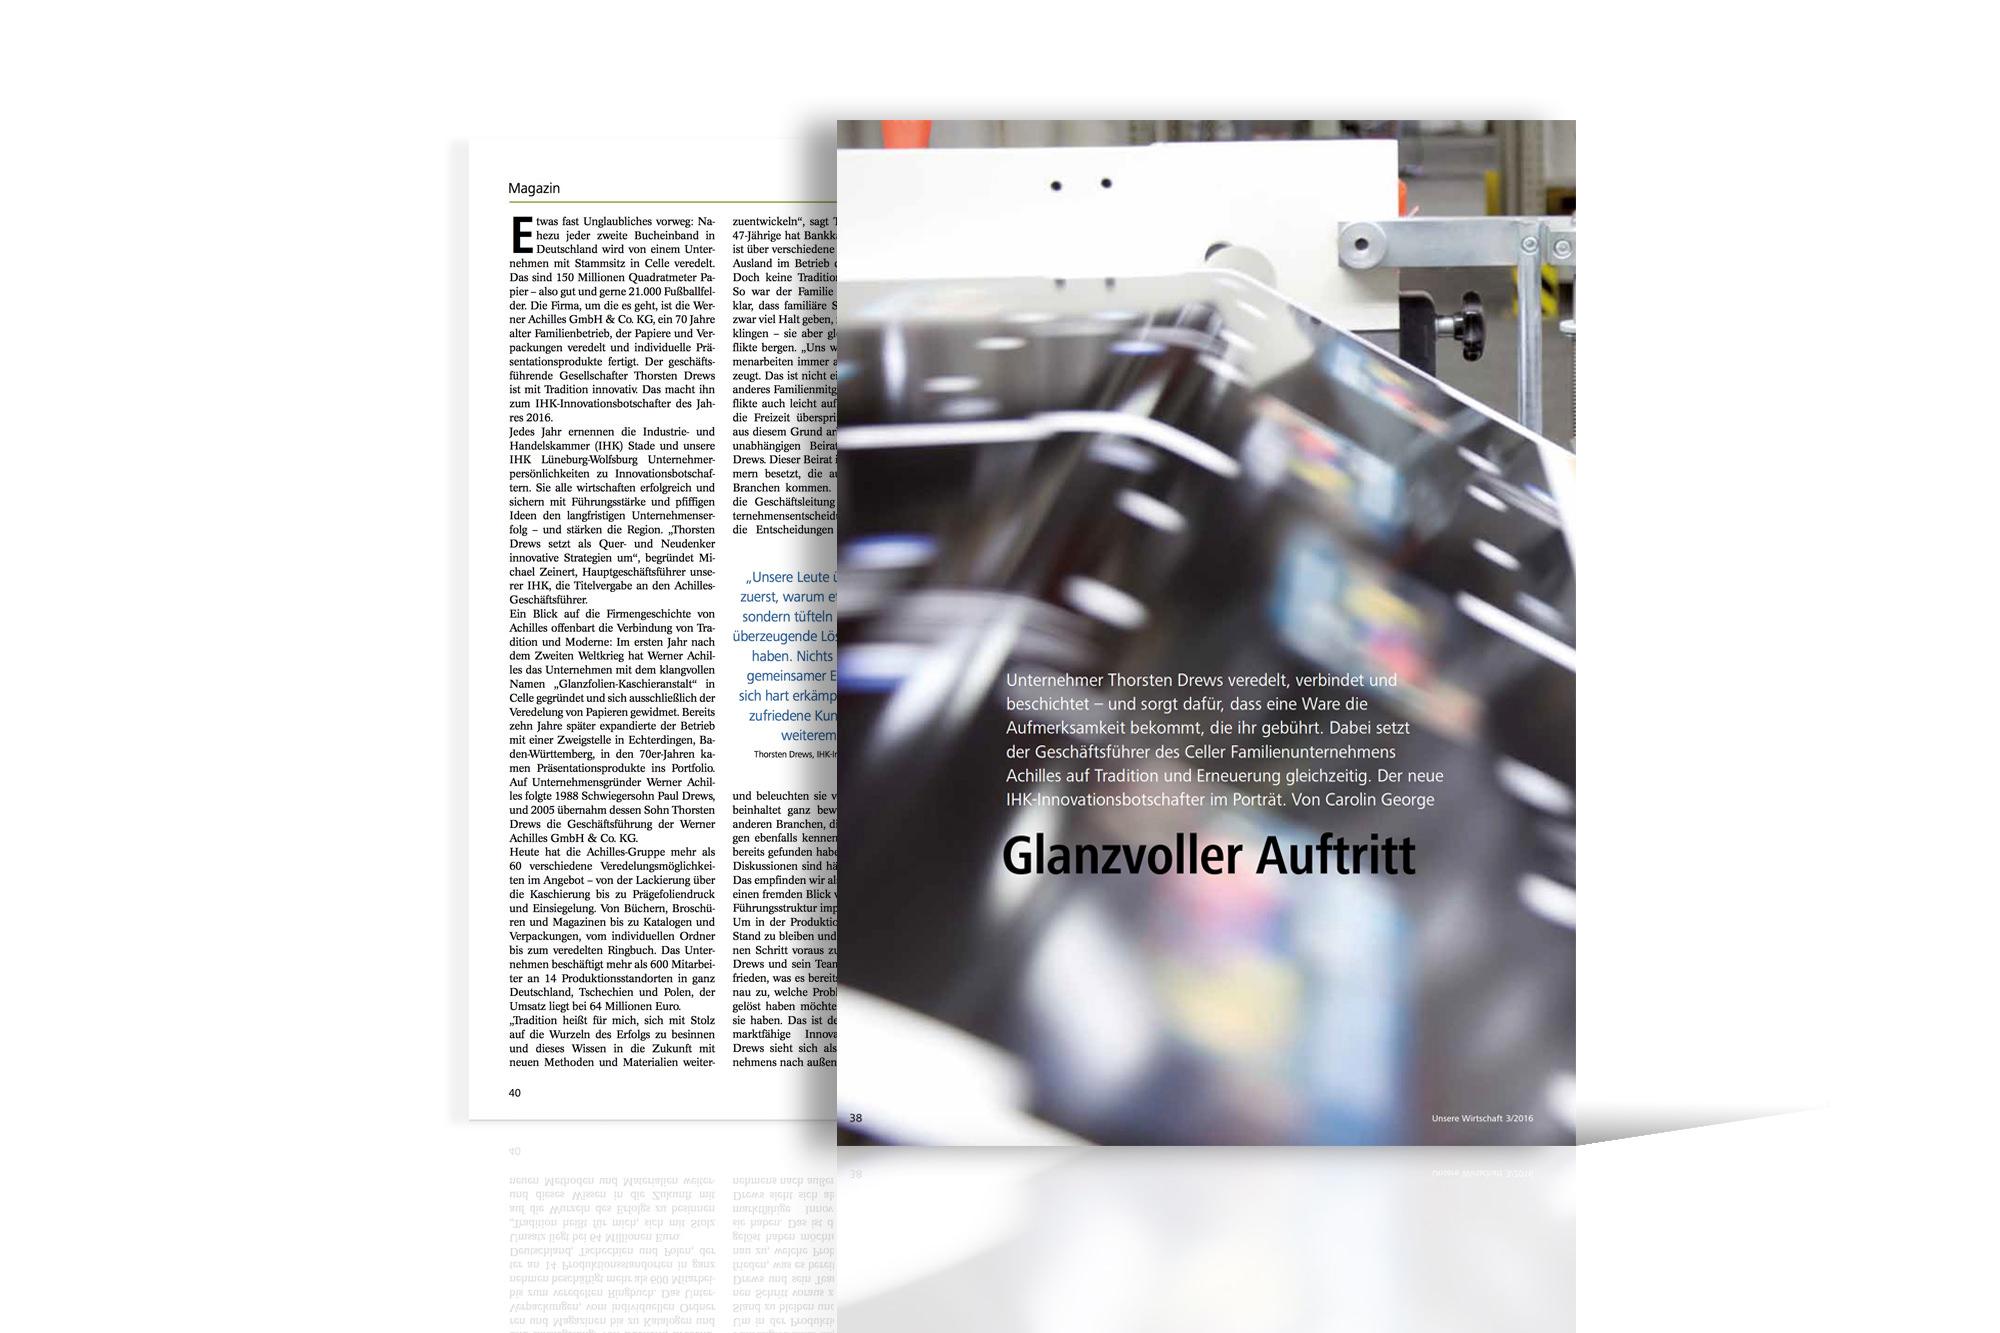 Bericht im IHK-Magazin